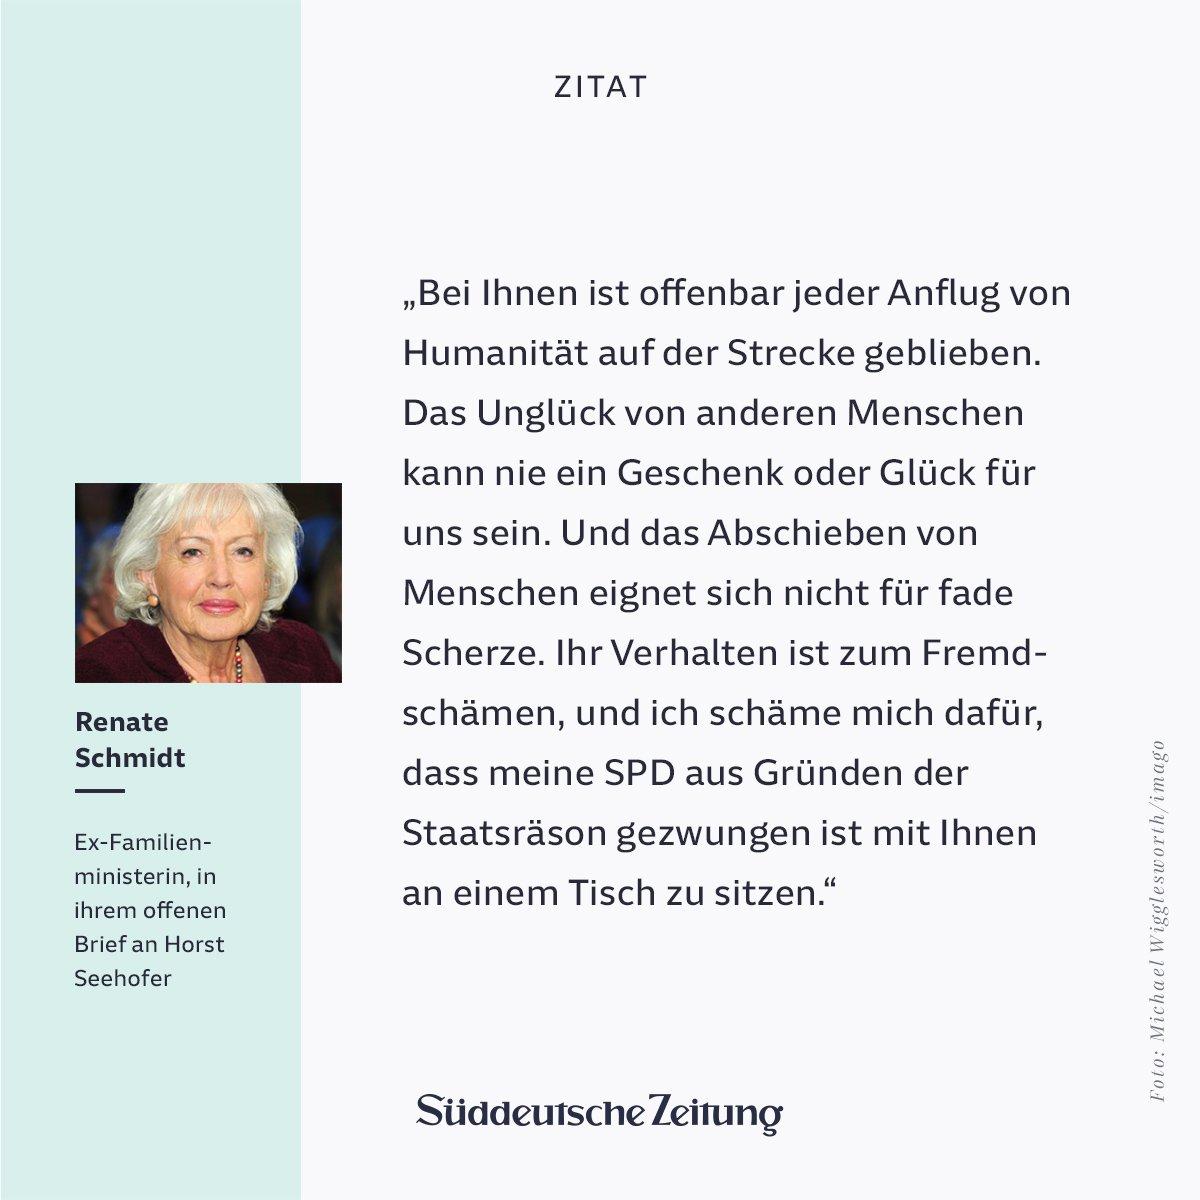 'Sie verdienen keine Ehre', schreibt Ex-Familienministerin Schmidt an Innenminister #Seehofer. Ihr ganzer offener Brief: https://t.co/Mw2xmkvoPp